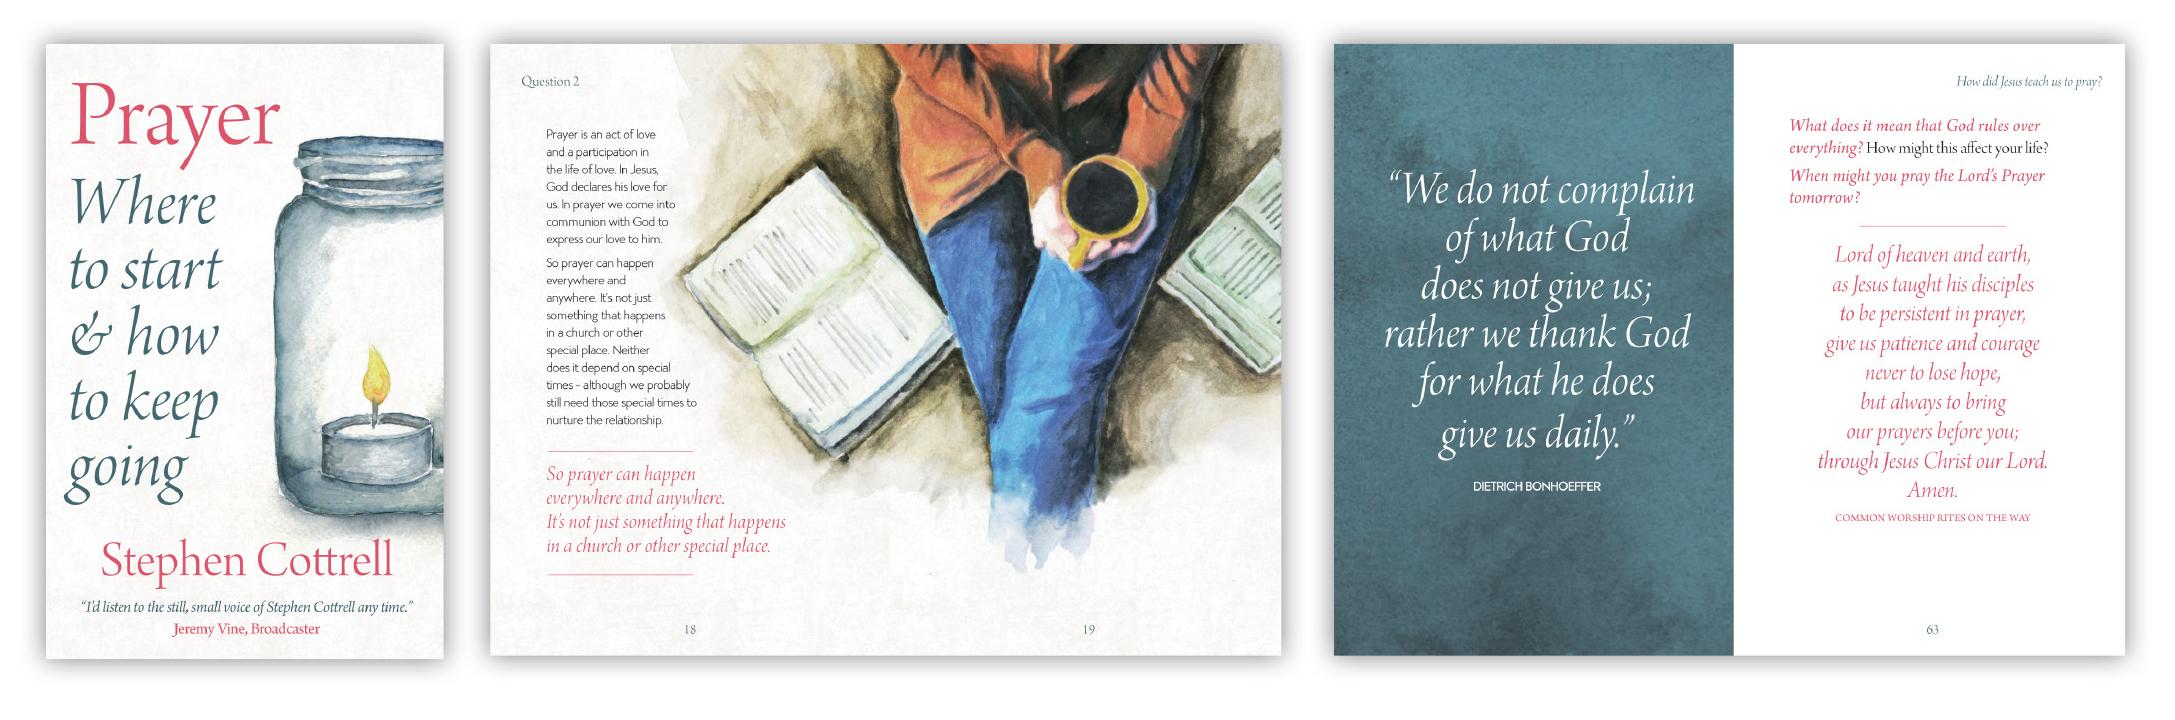 Prayer by Archbishop Stephen Cottrell book designs